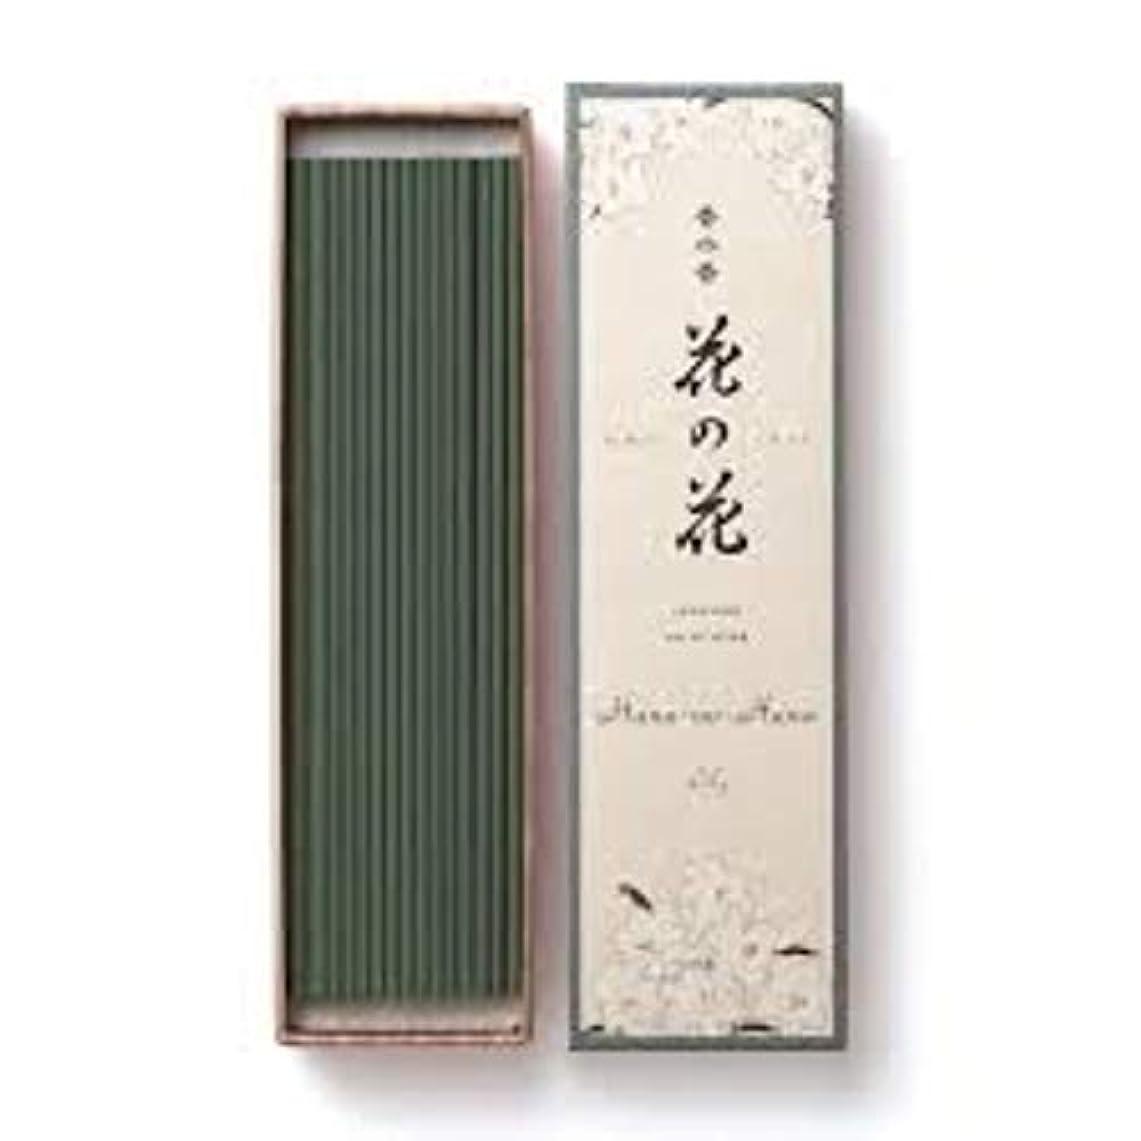 引き出し創始者スラックお香 香水香花の花 ゆり 長寸40本入(30006)